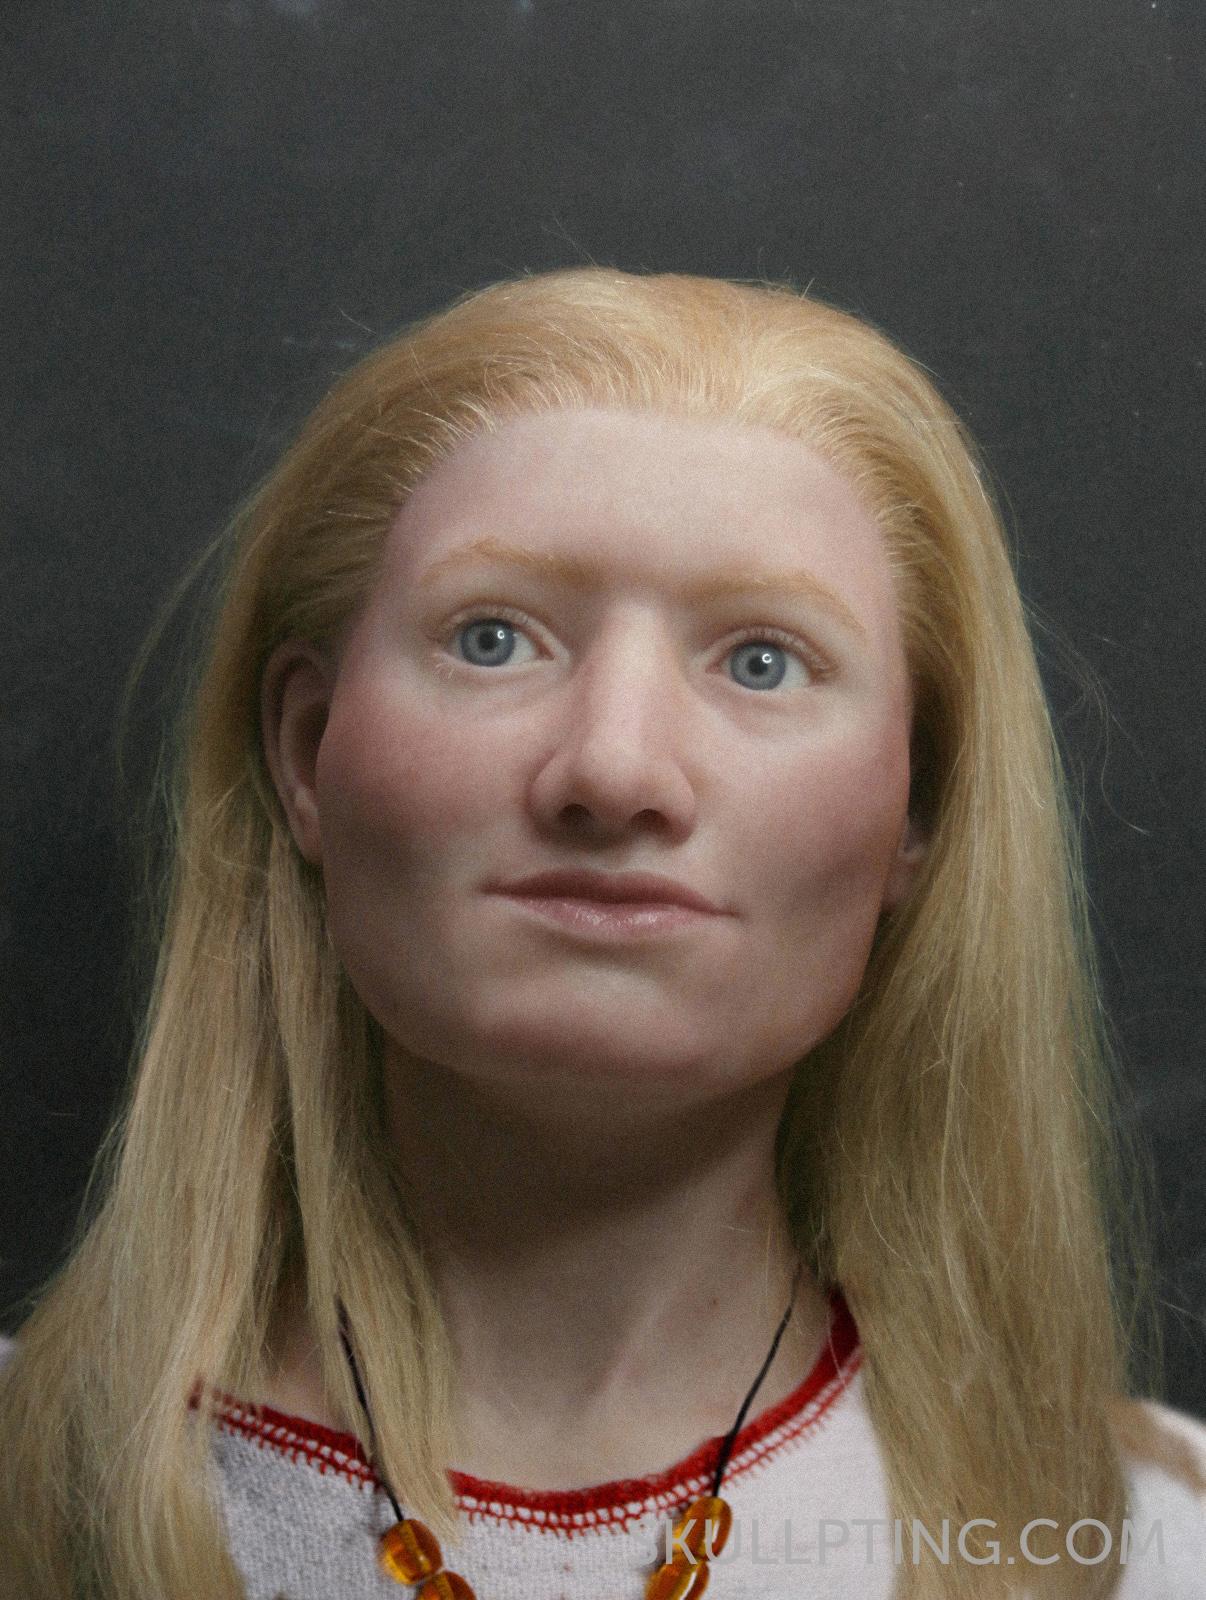 10-bronstijdmeisje (10) met kleren